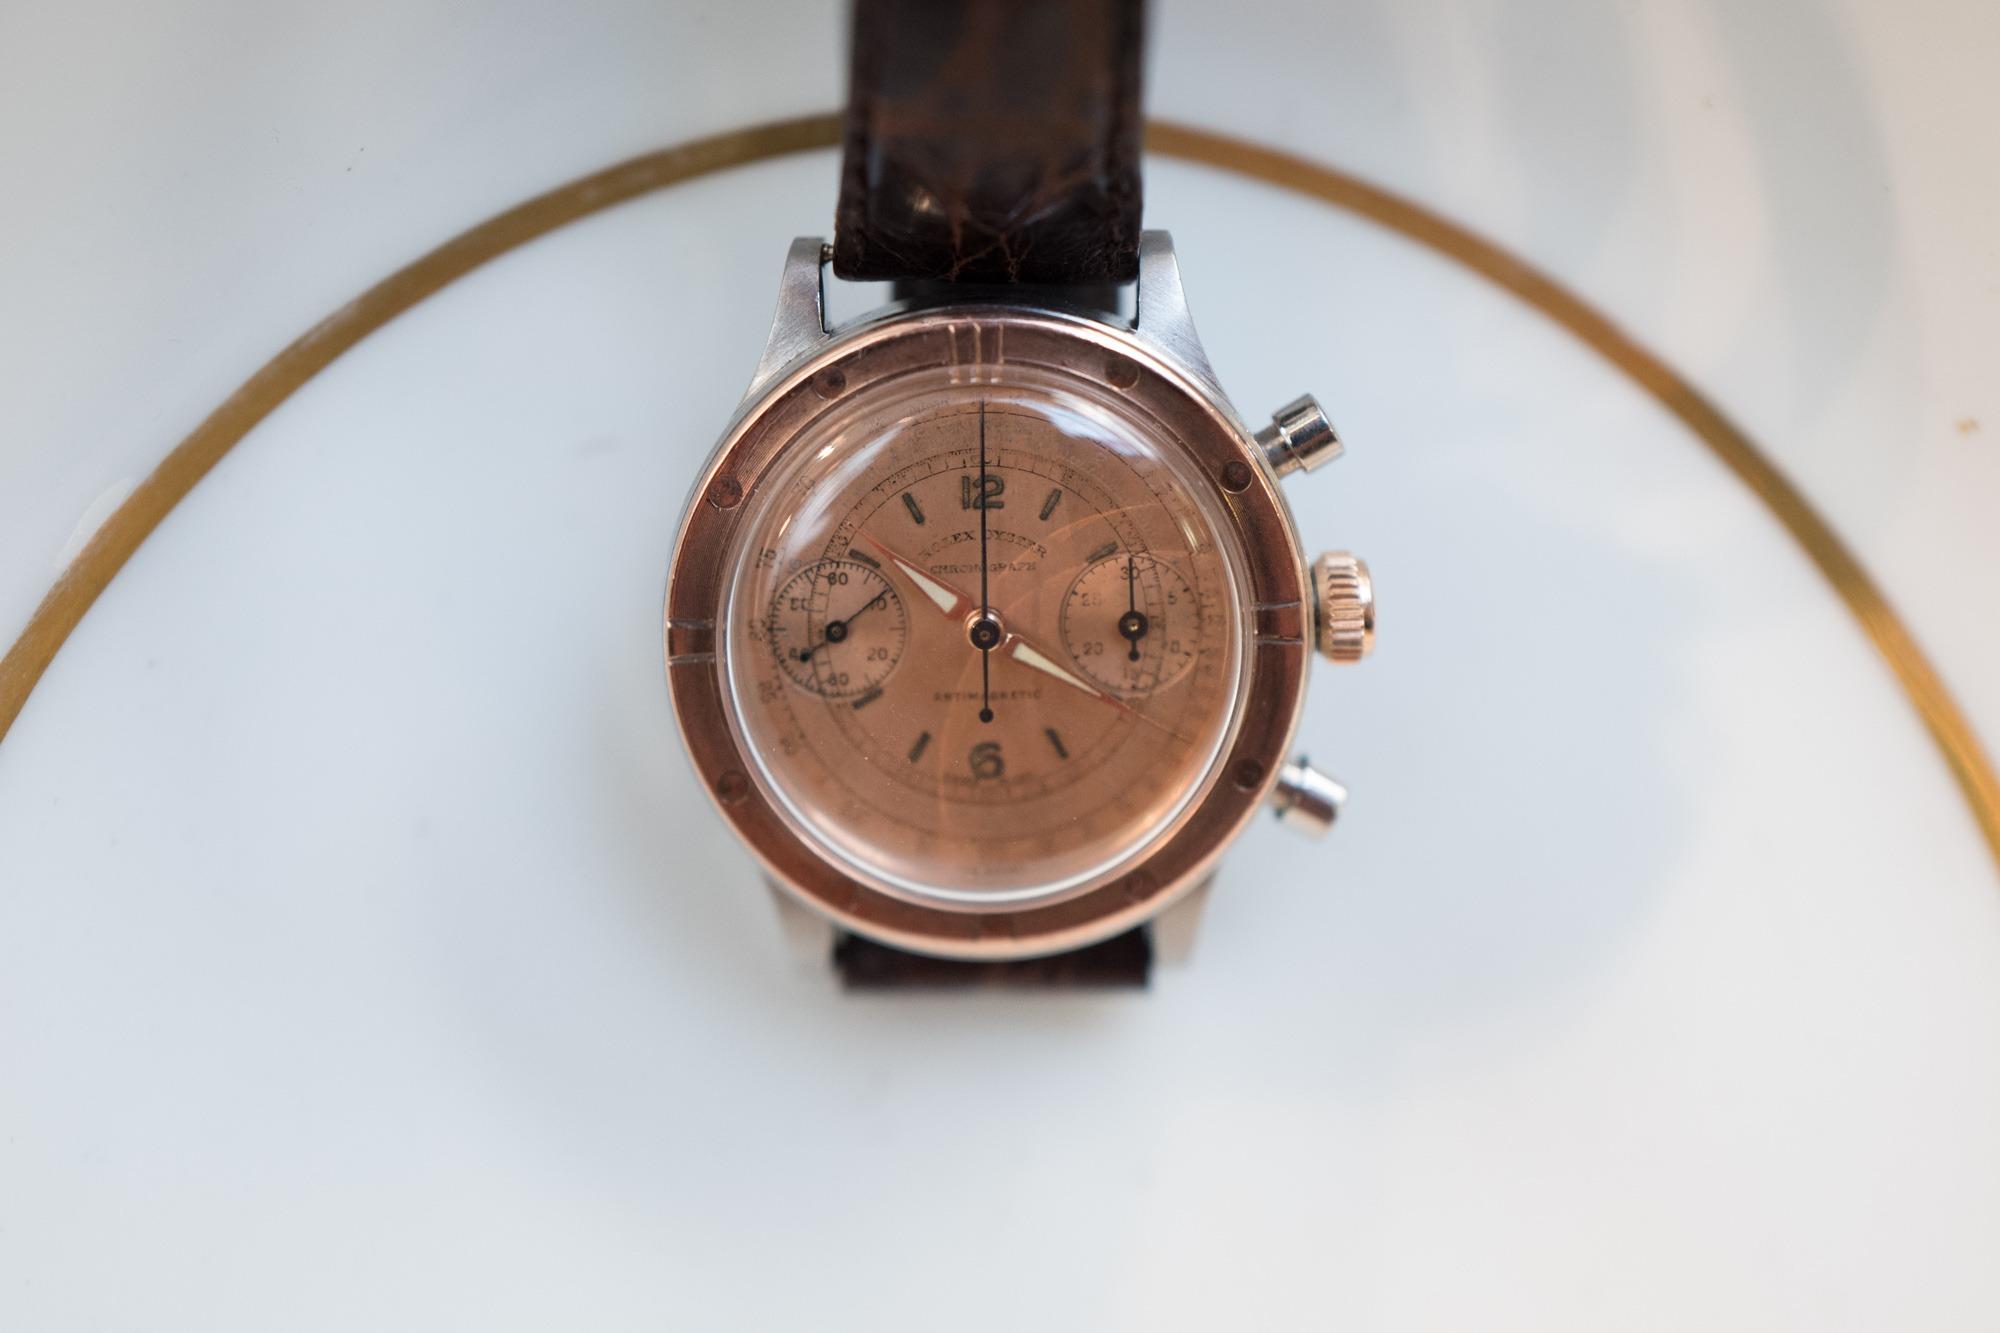 Vente Tajan Georg Fischer Rolex Oyster Chronograph